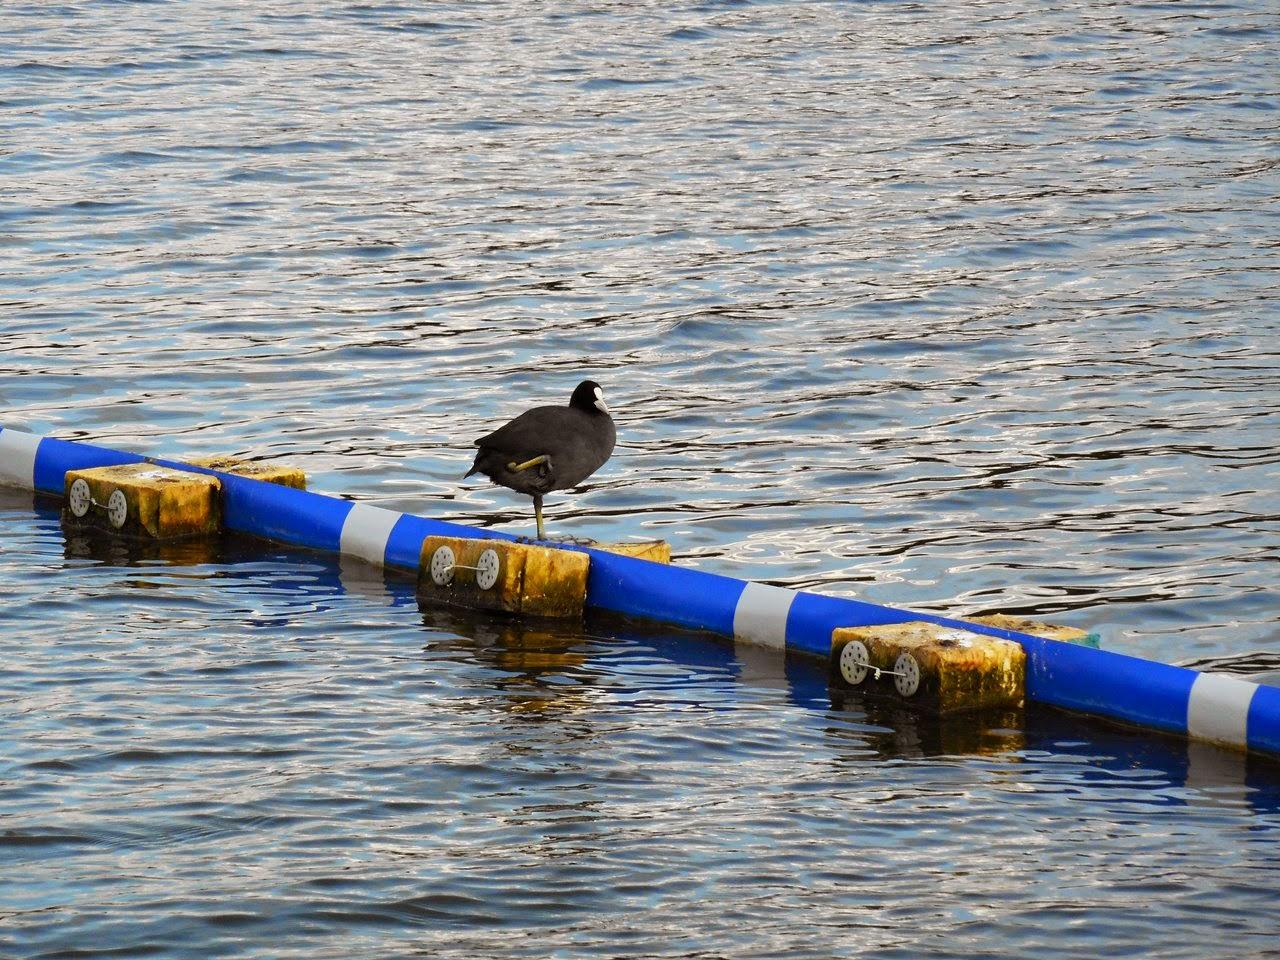 ptaki wodne, wypoczynek, woda, jezioro wojnowskie